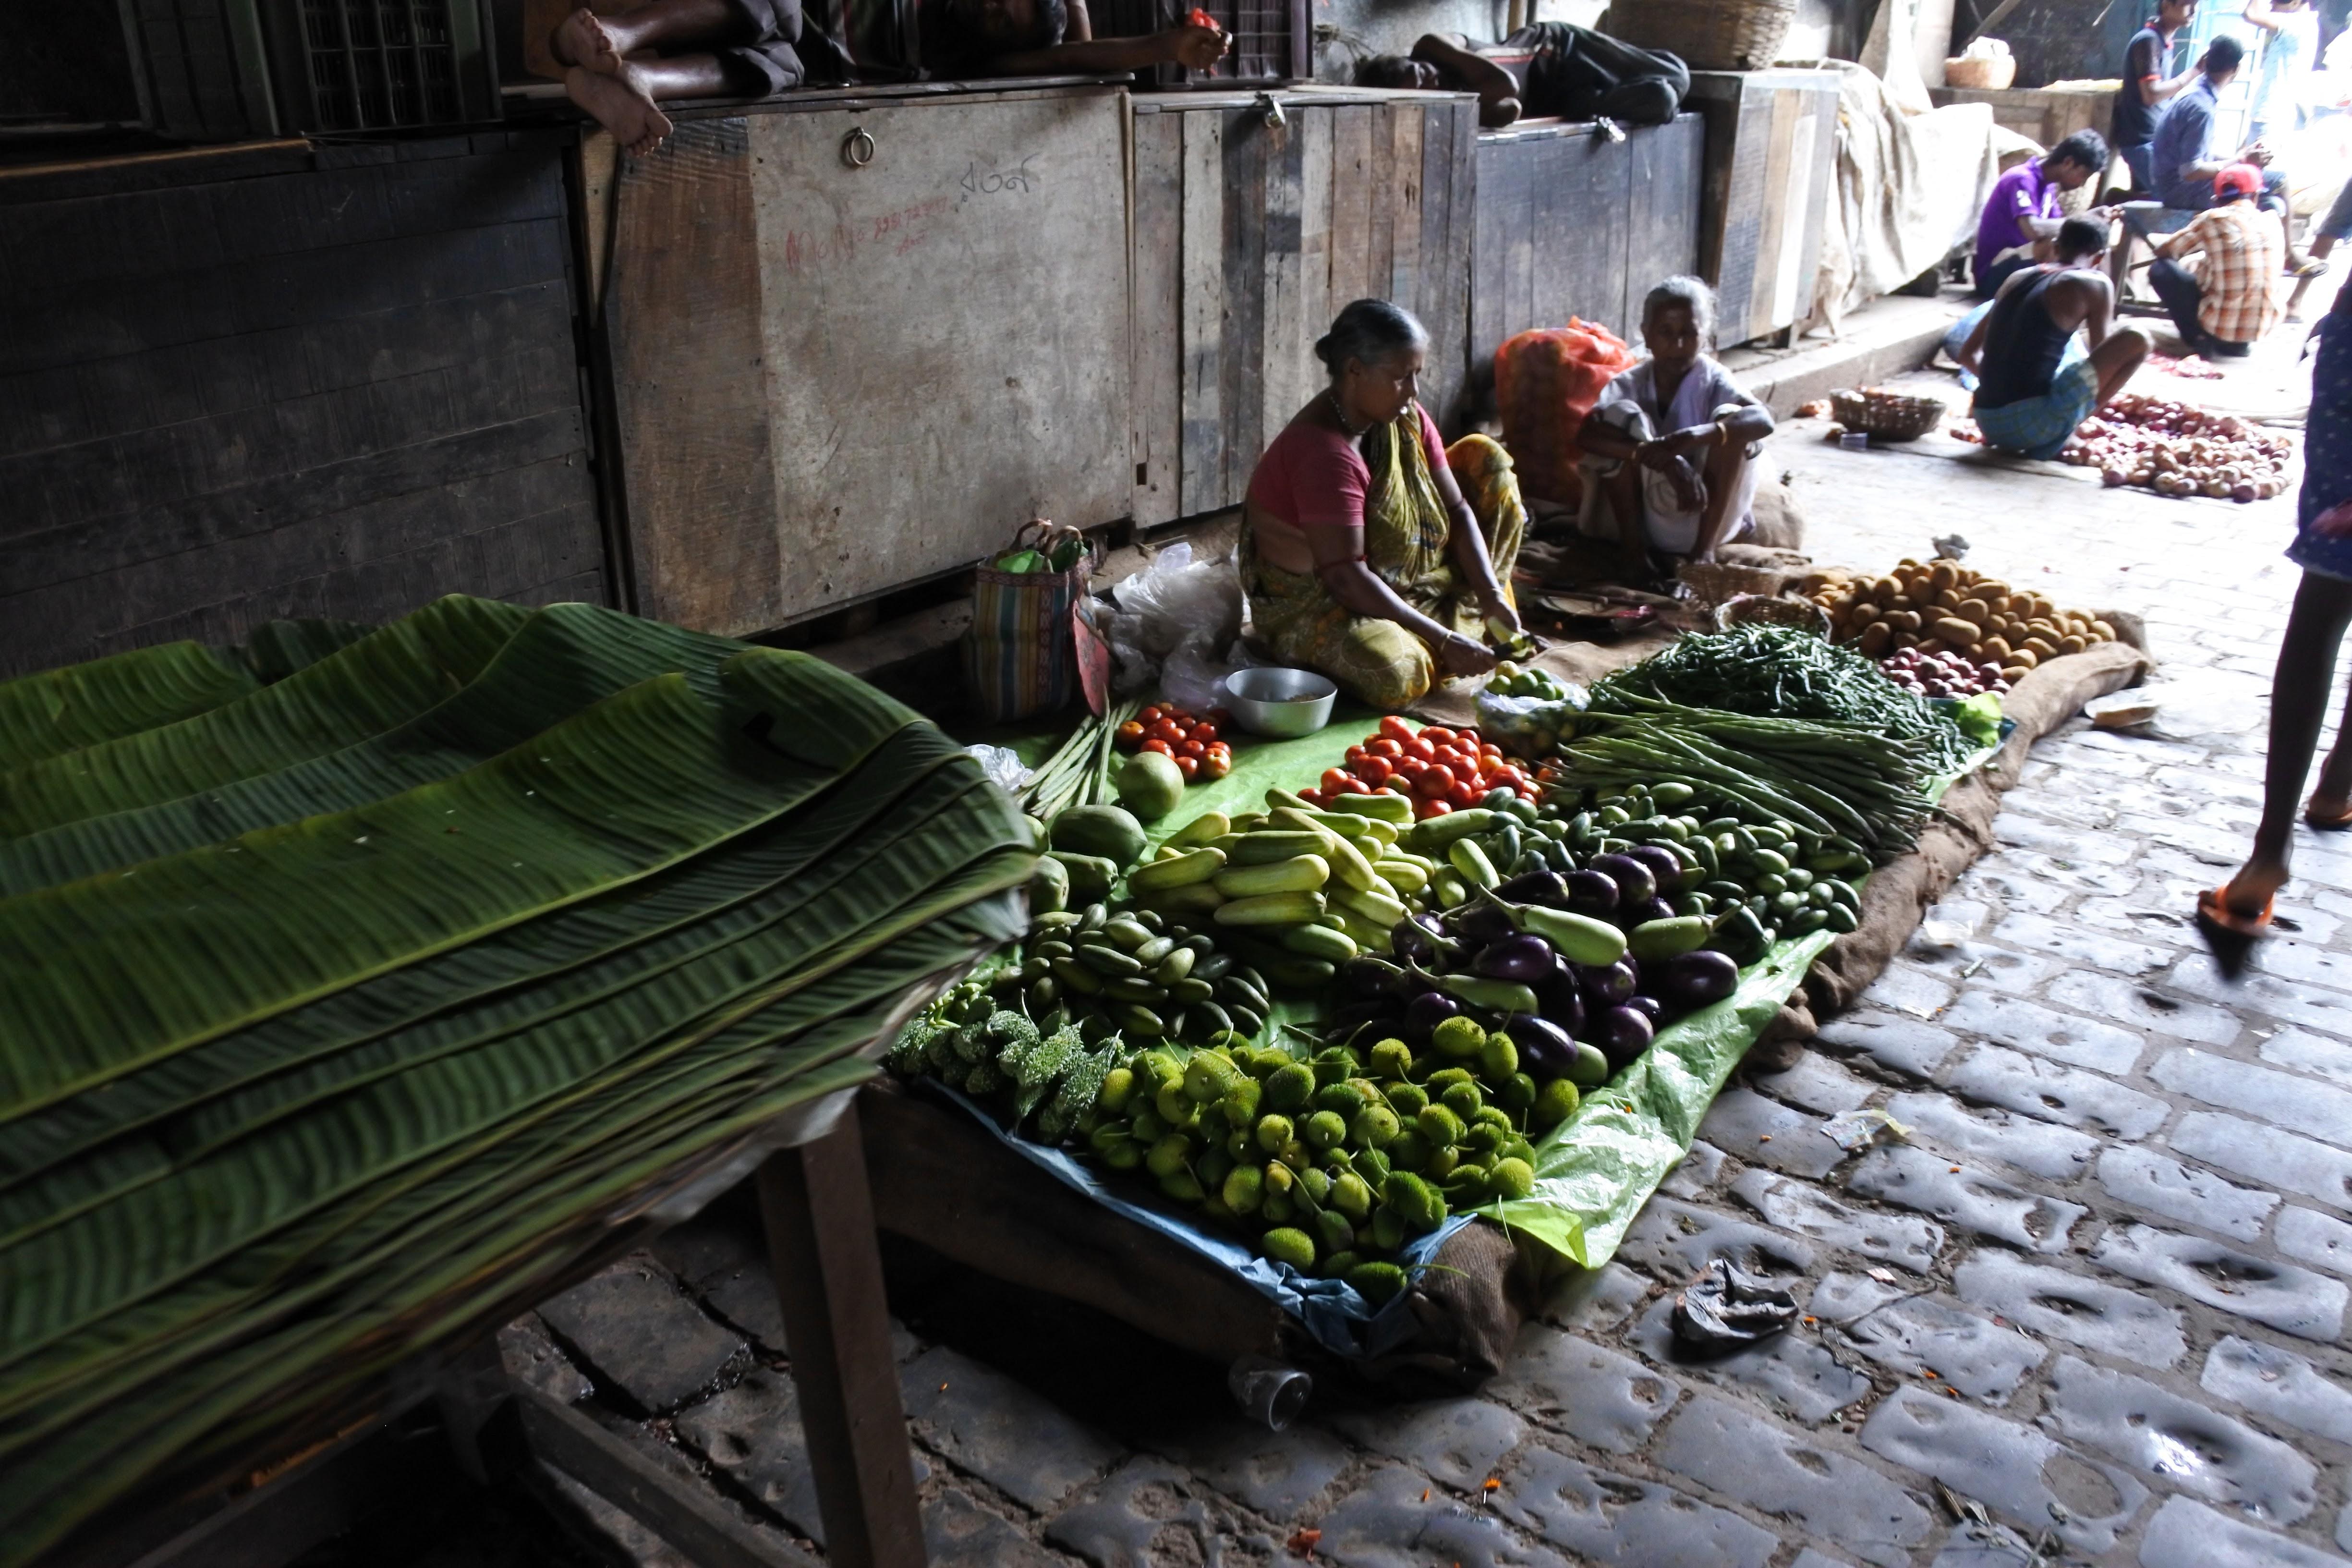 コルカタの市場。野菜売り